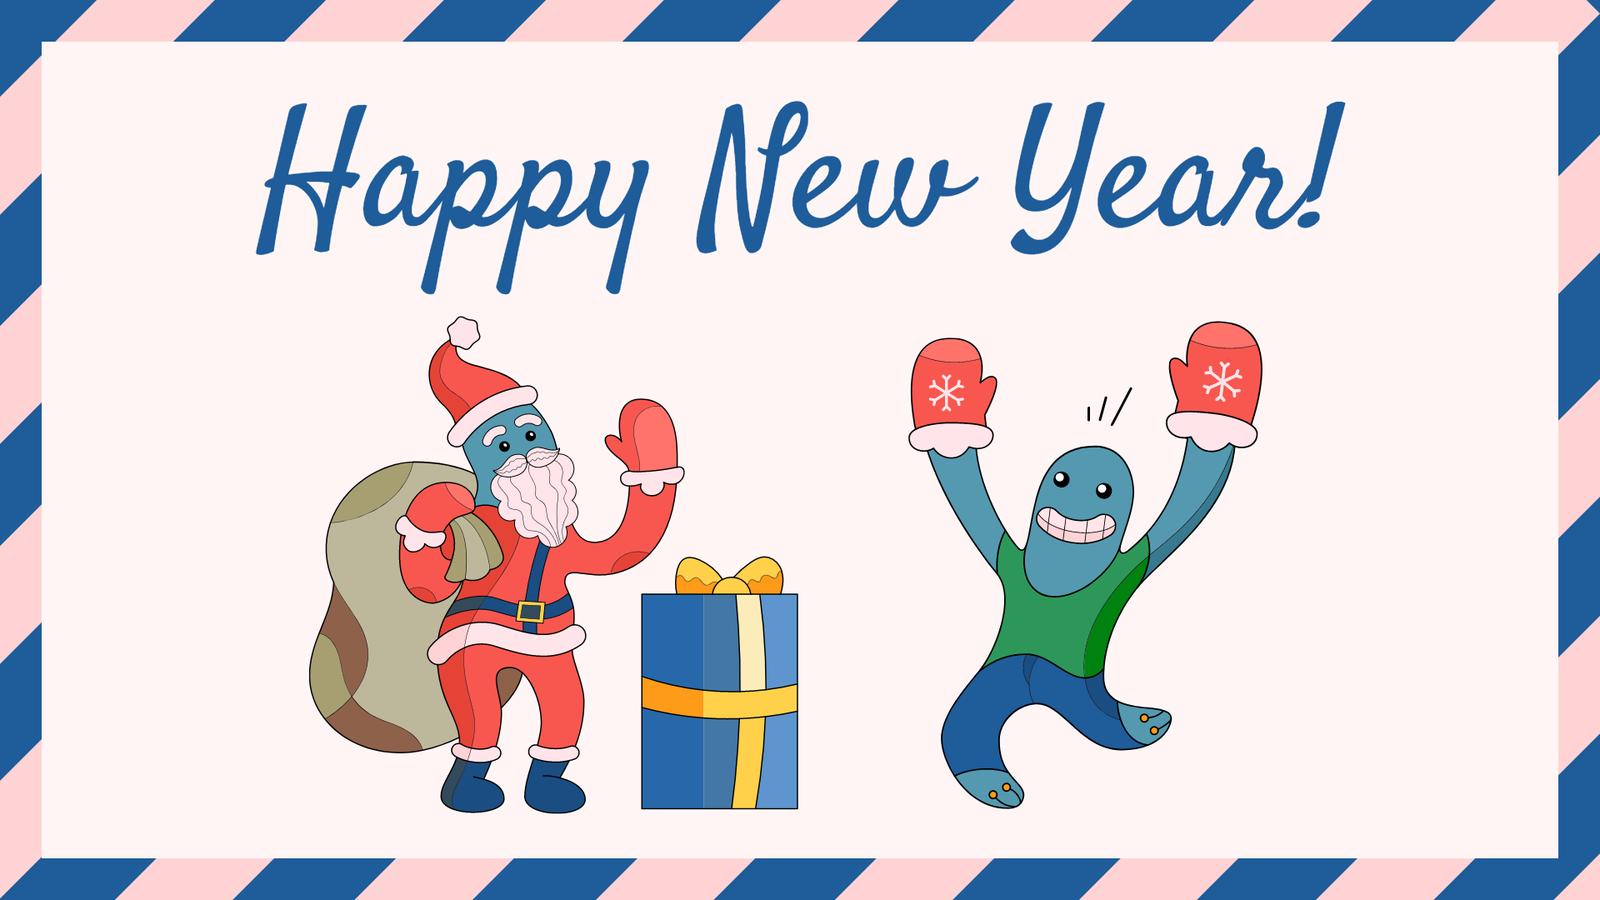 new year card in lunacy